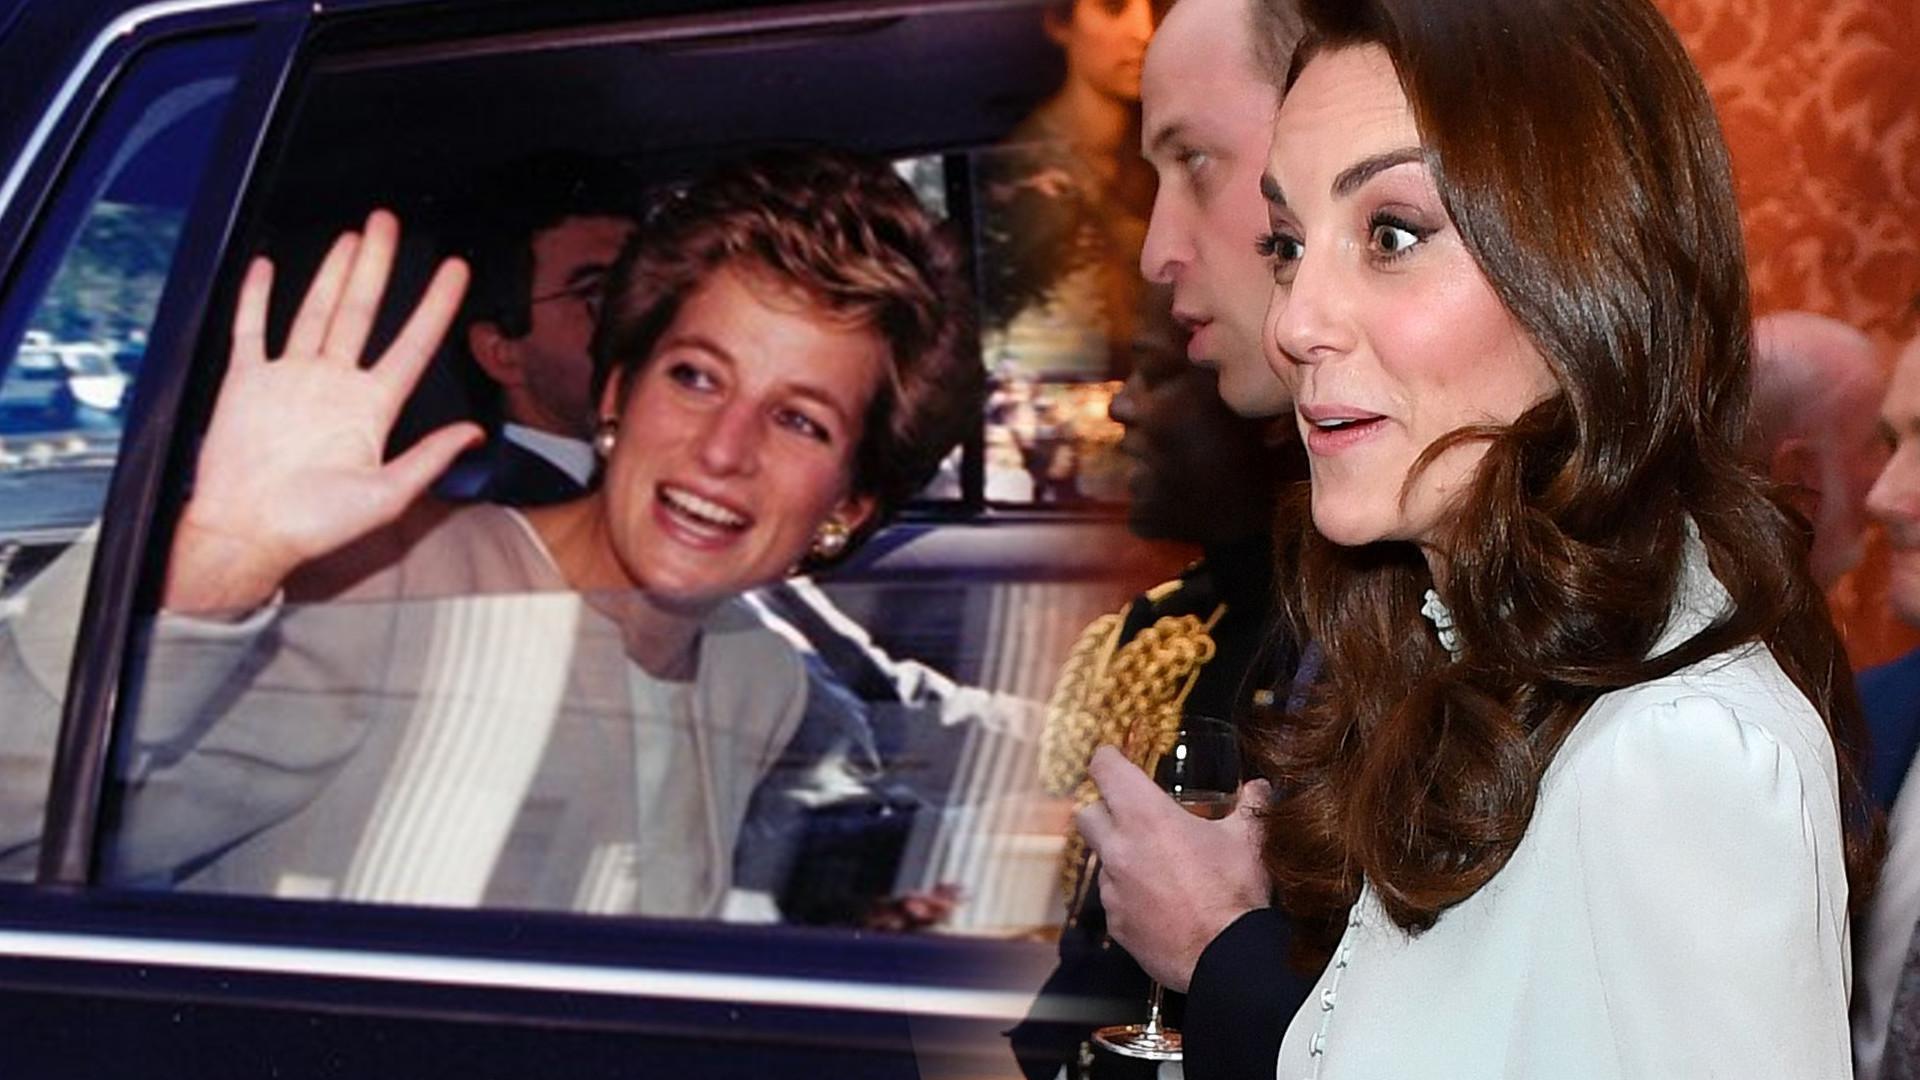 Księżna Kate musiała robić dziwną rzecz związaną z księżną Dianą